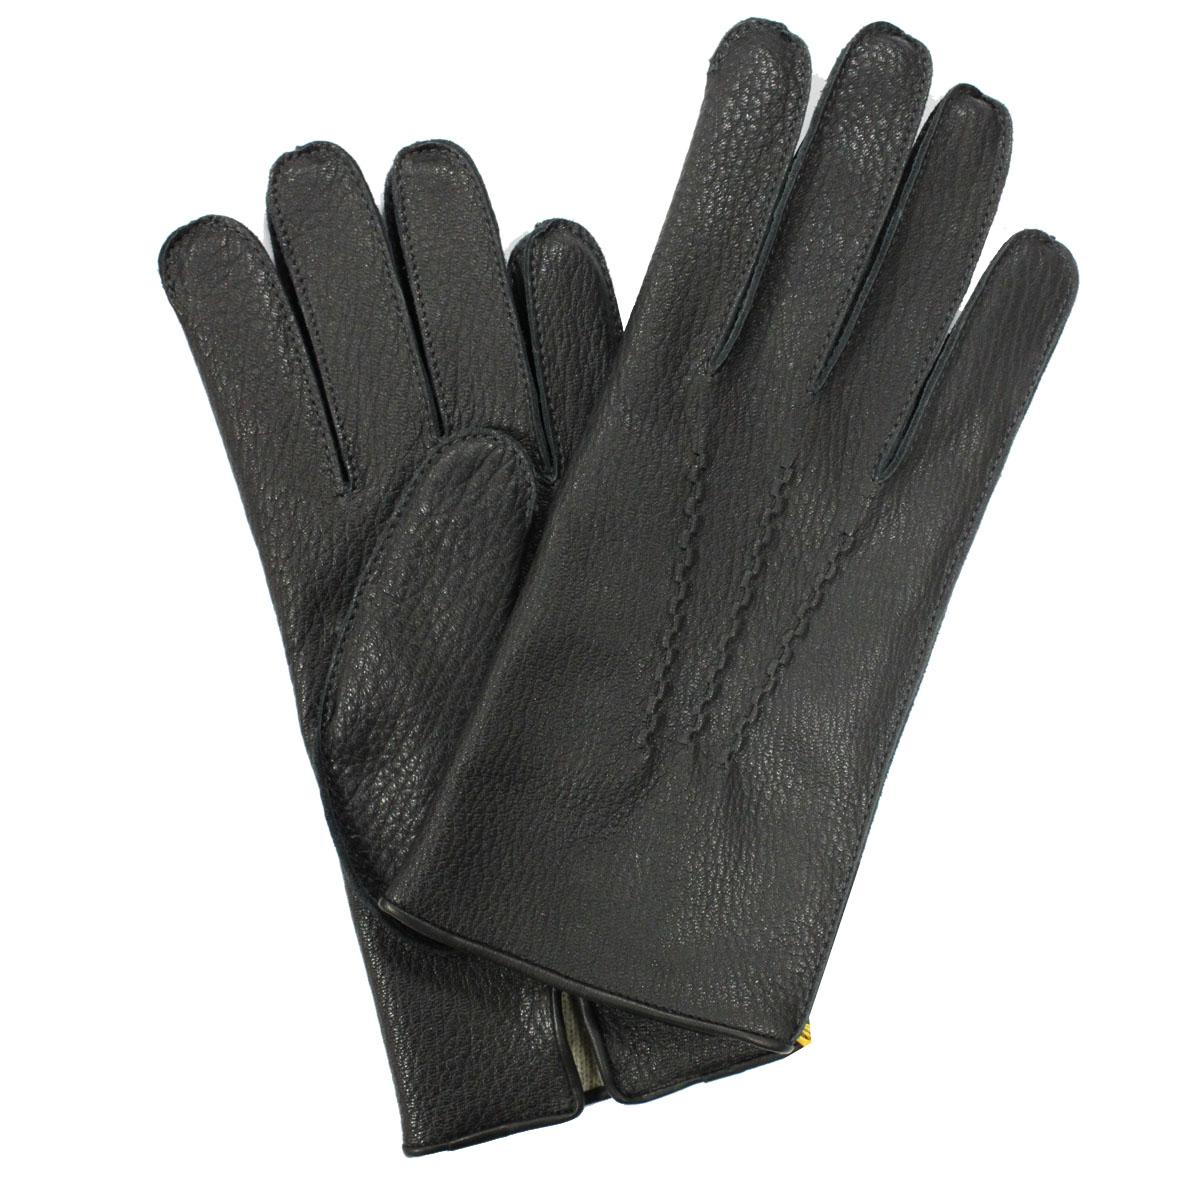 """Перчатки мужские на шерсти. Э-4M_11Э-4M_11Стильные мужские перчатки Edmins не только защитят ваши руки от холода, но и станут великолепным украшением. Перчатки выполнены из чрезвычайно мягкой и приятной на ощупь натуральной кожи оленя, а их подкладка - из шерсти. Перчатки с лицевой стороны декорированы отстрочкой """"три луча"""". Перчатки станут завершающим и подчеркивающим элементом вашего стиля и неповторимости."""